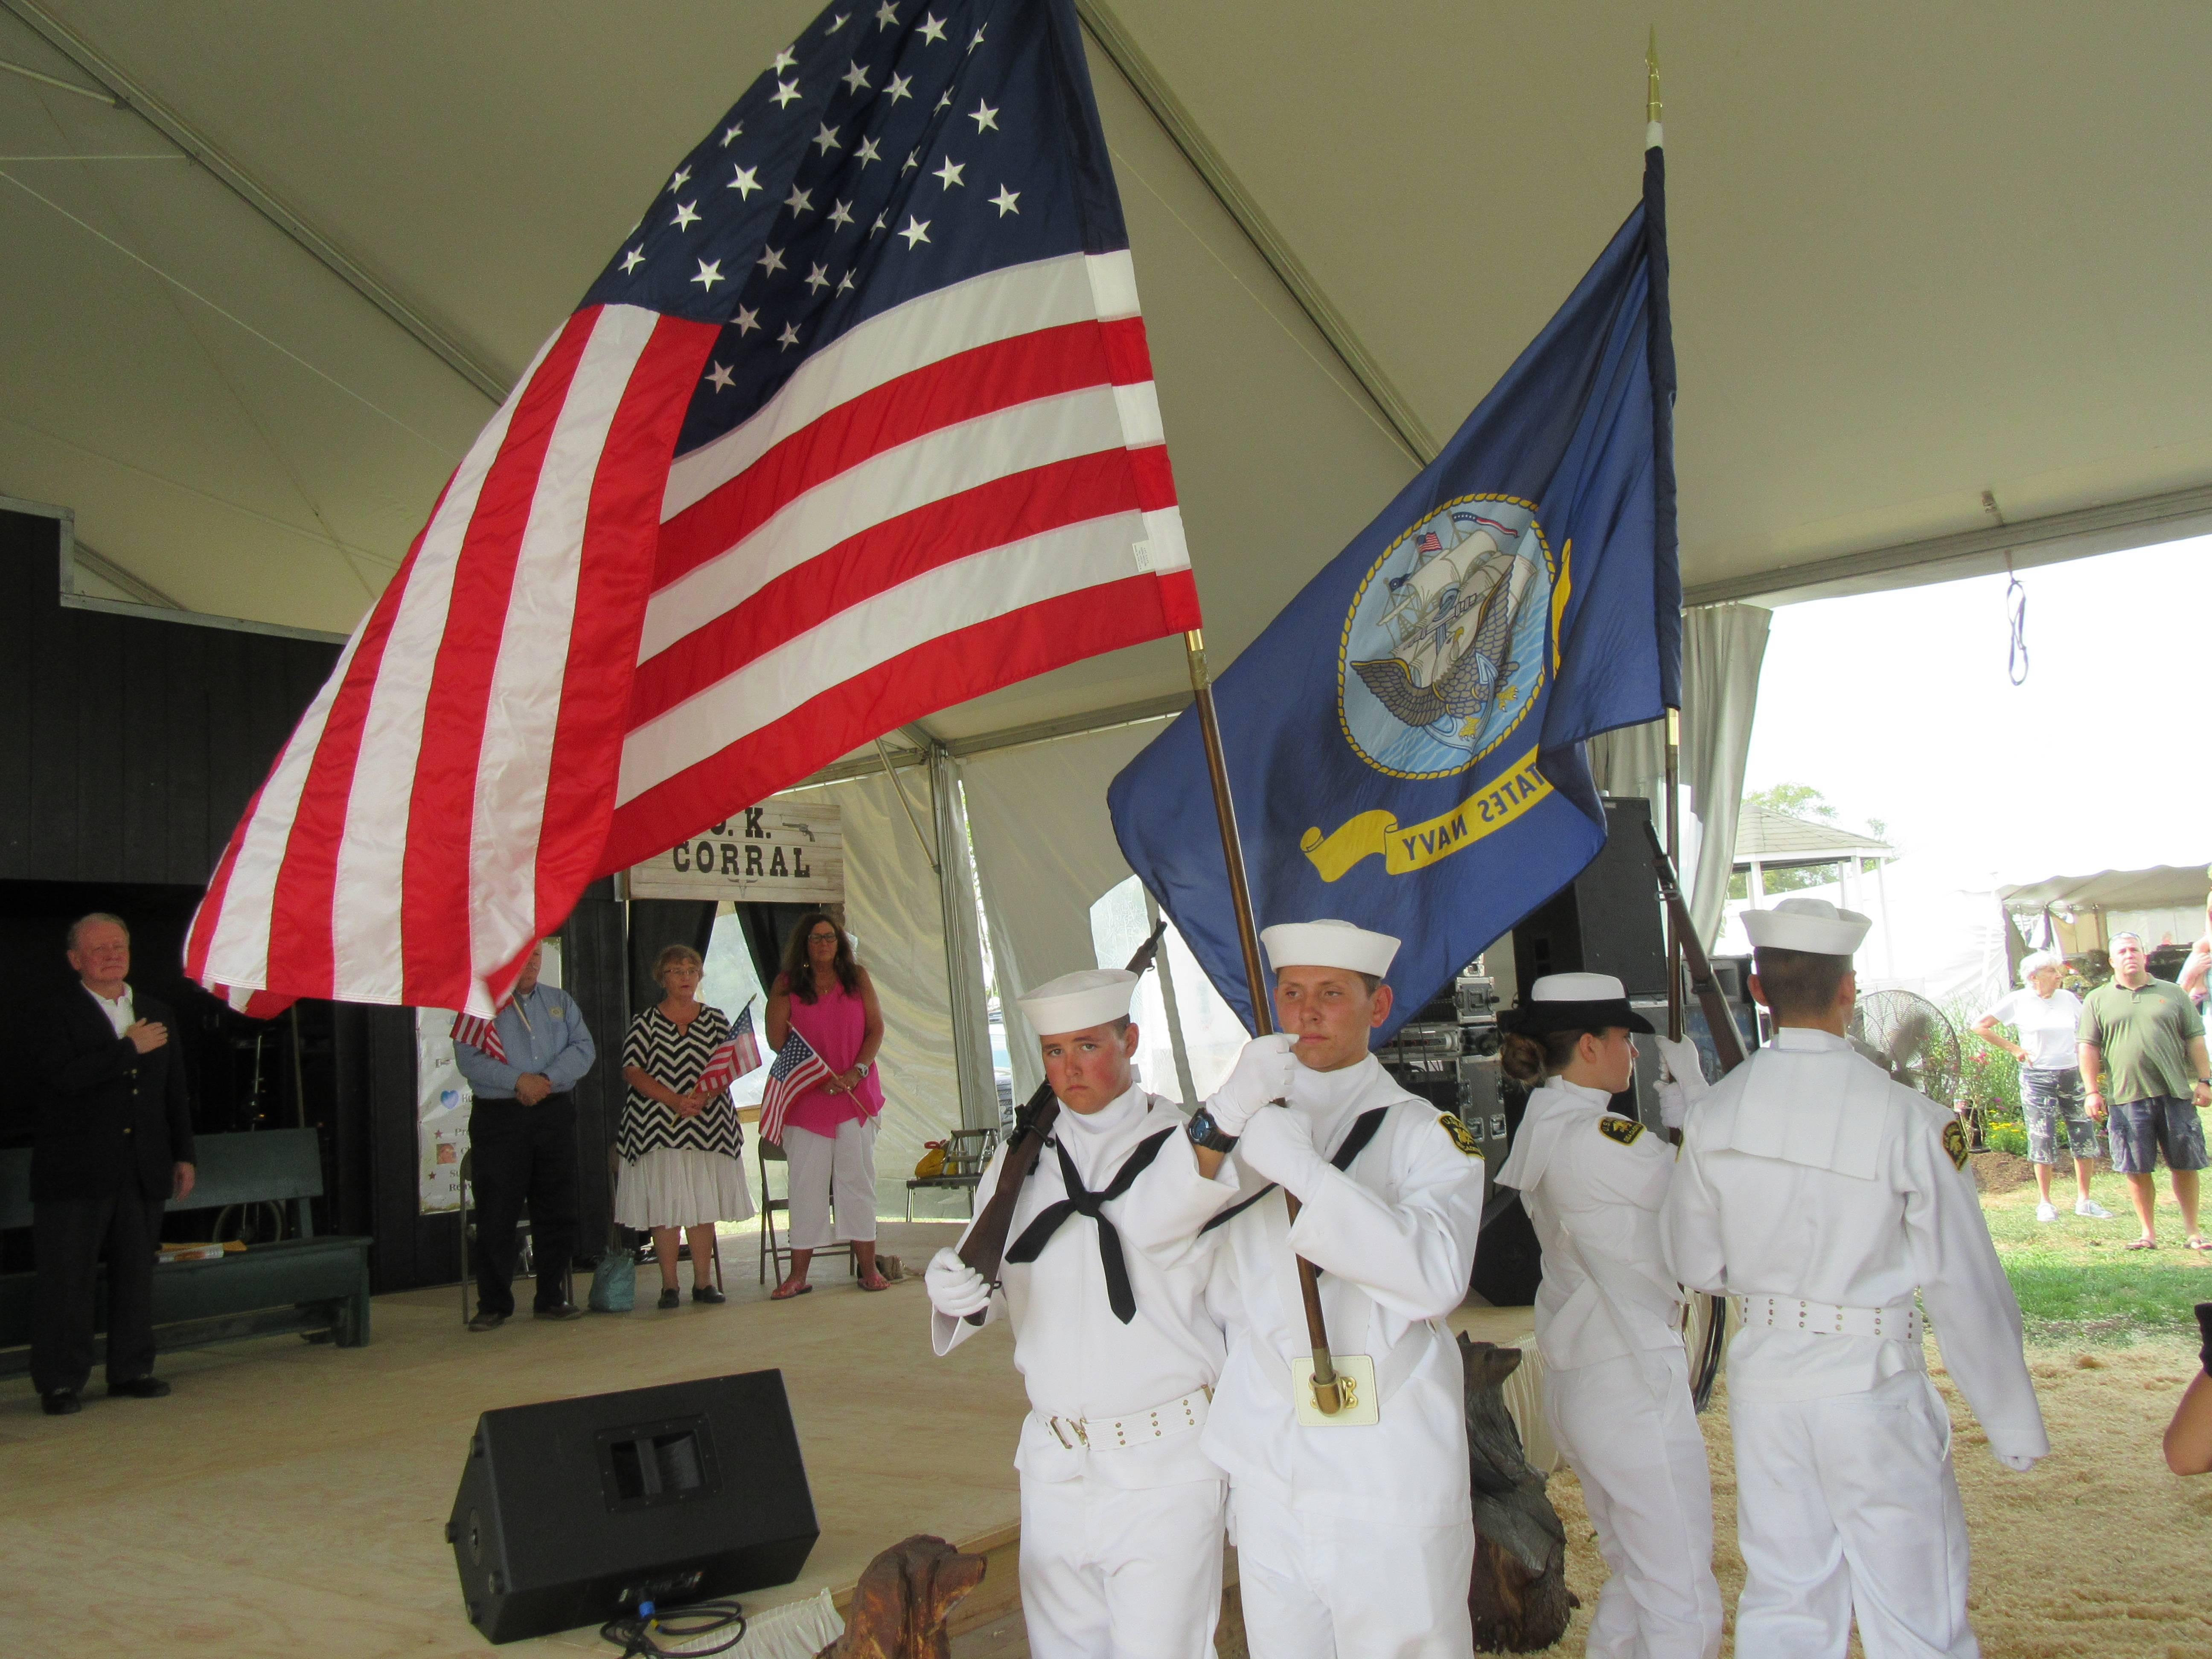 4cccb0e0908994491bea_71bbd991b047dff94225_Veterans_flag_Fair_2015.JPG